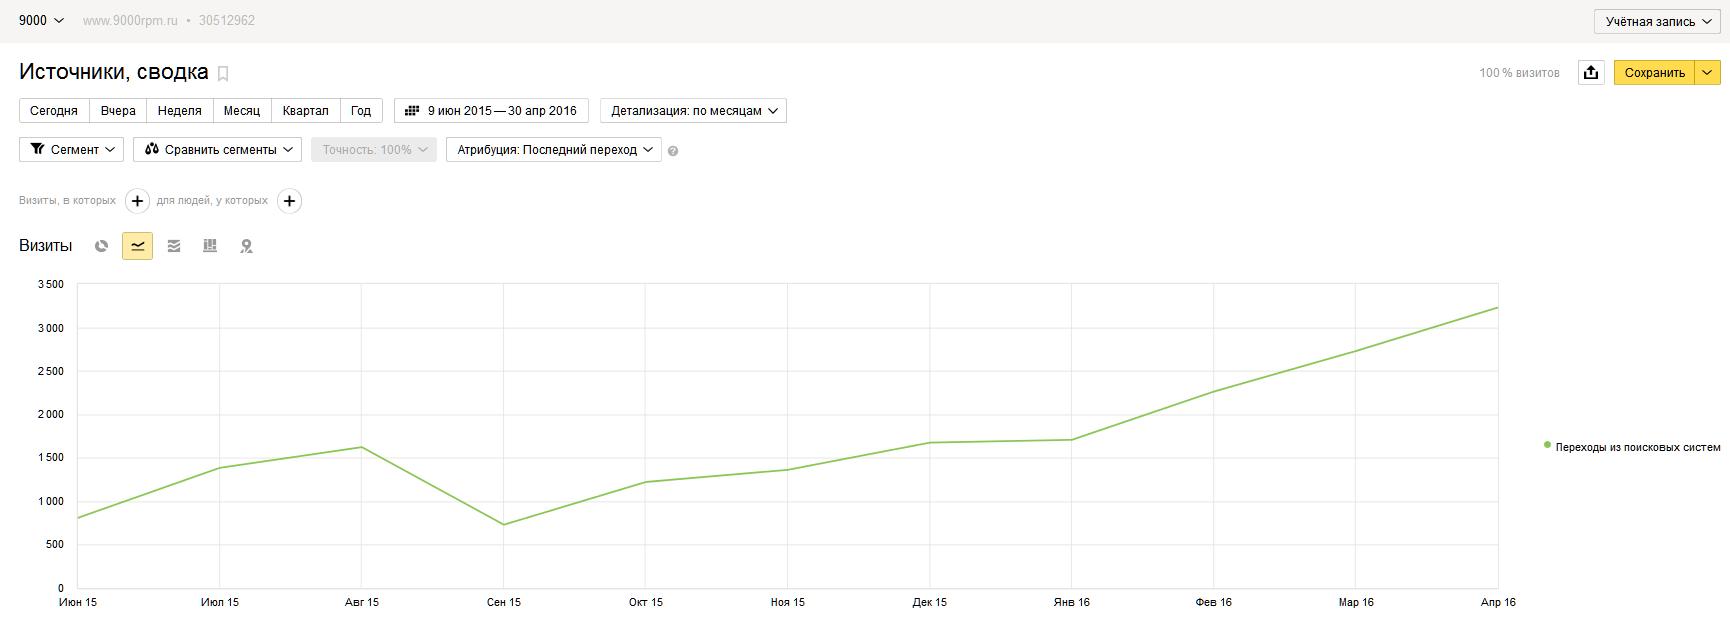 Рост посещаемости сайта 9000rpm